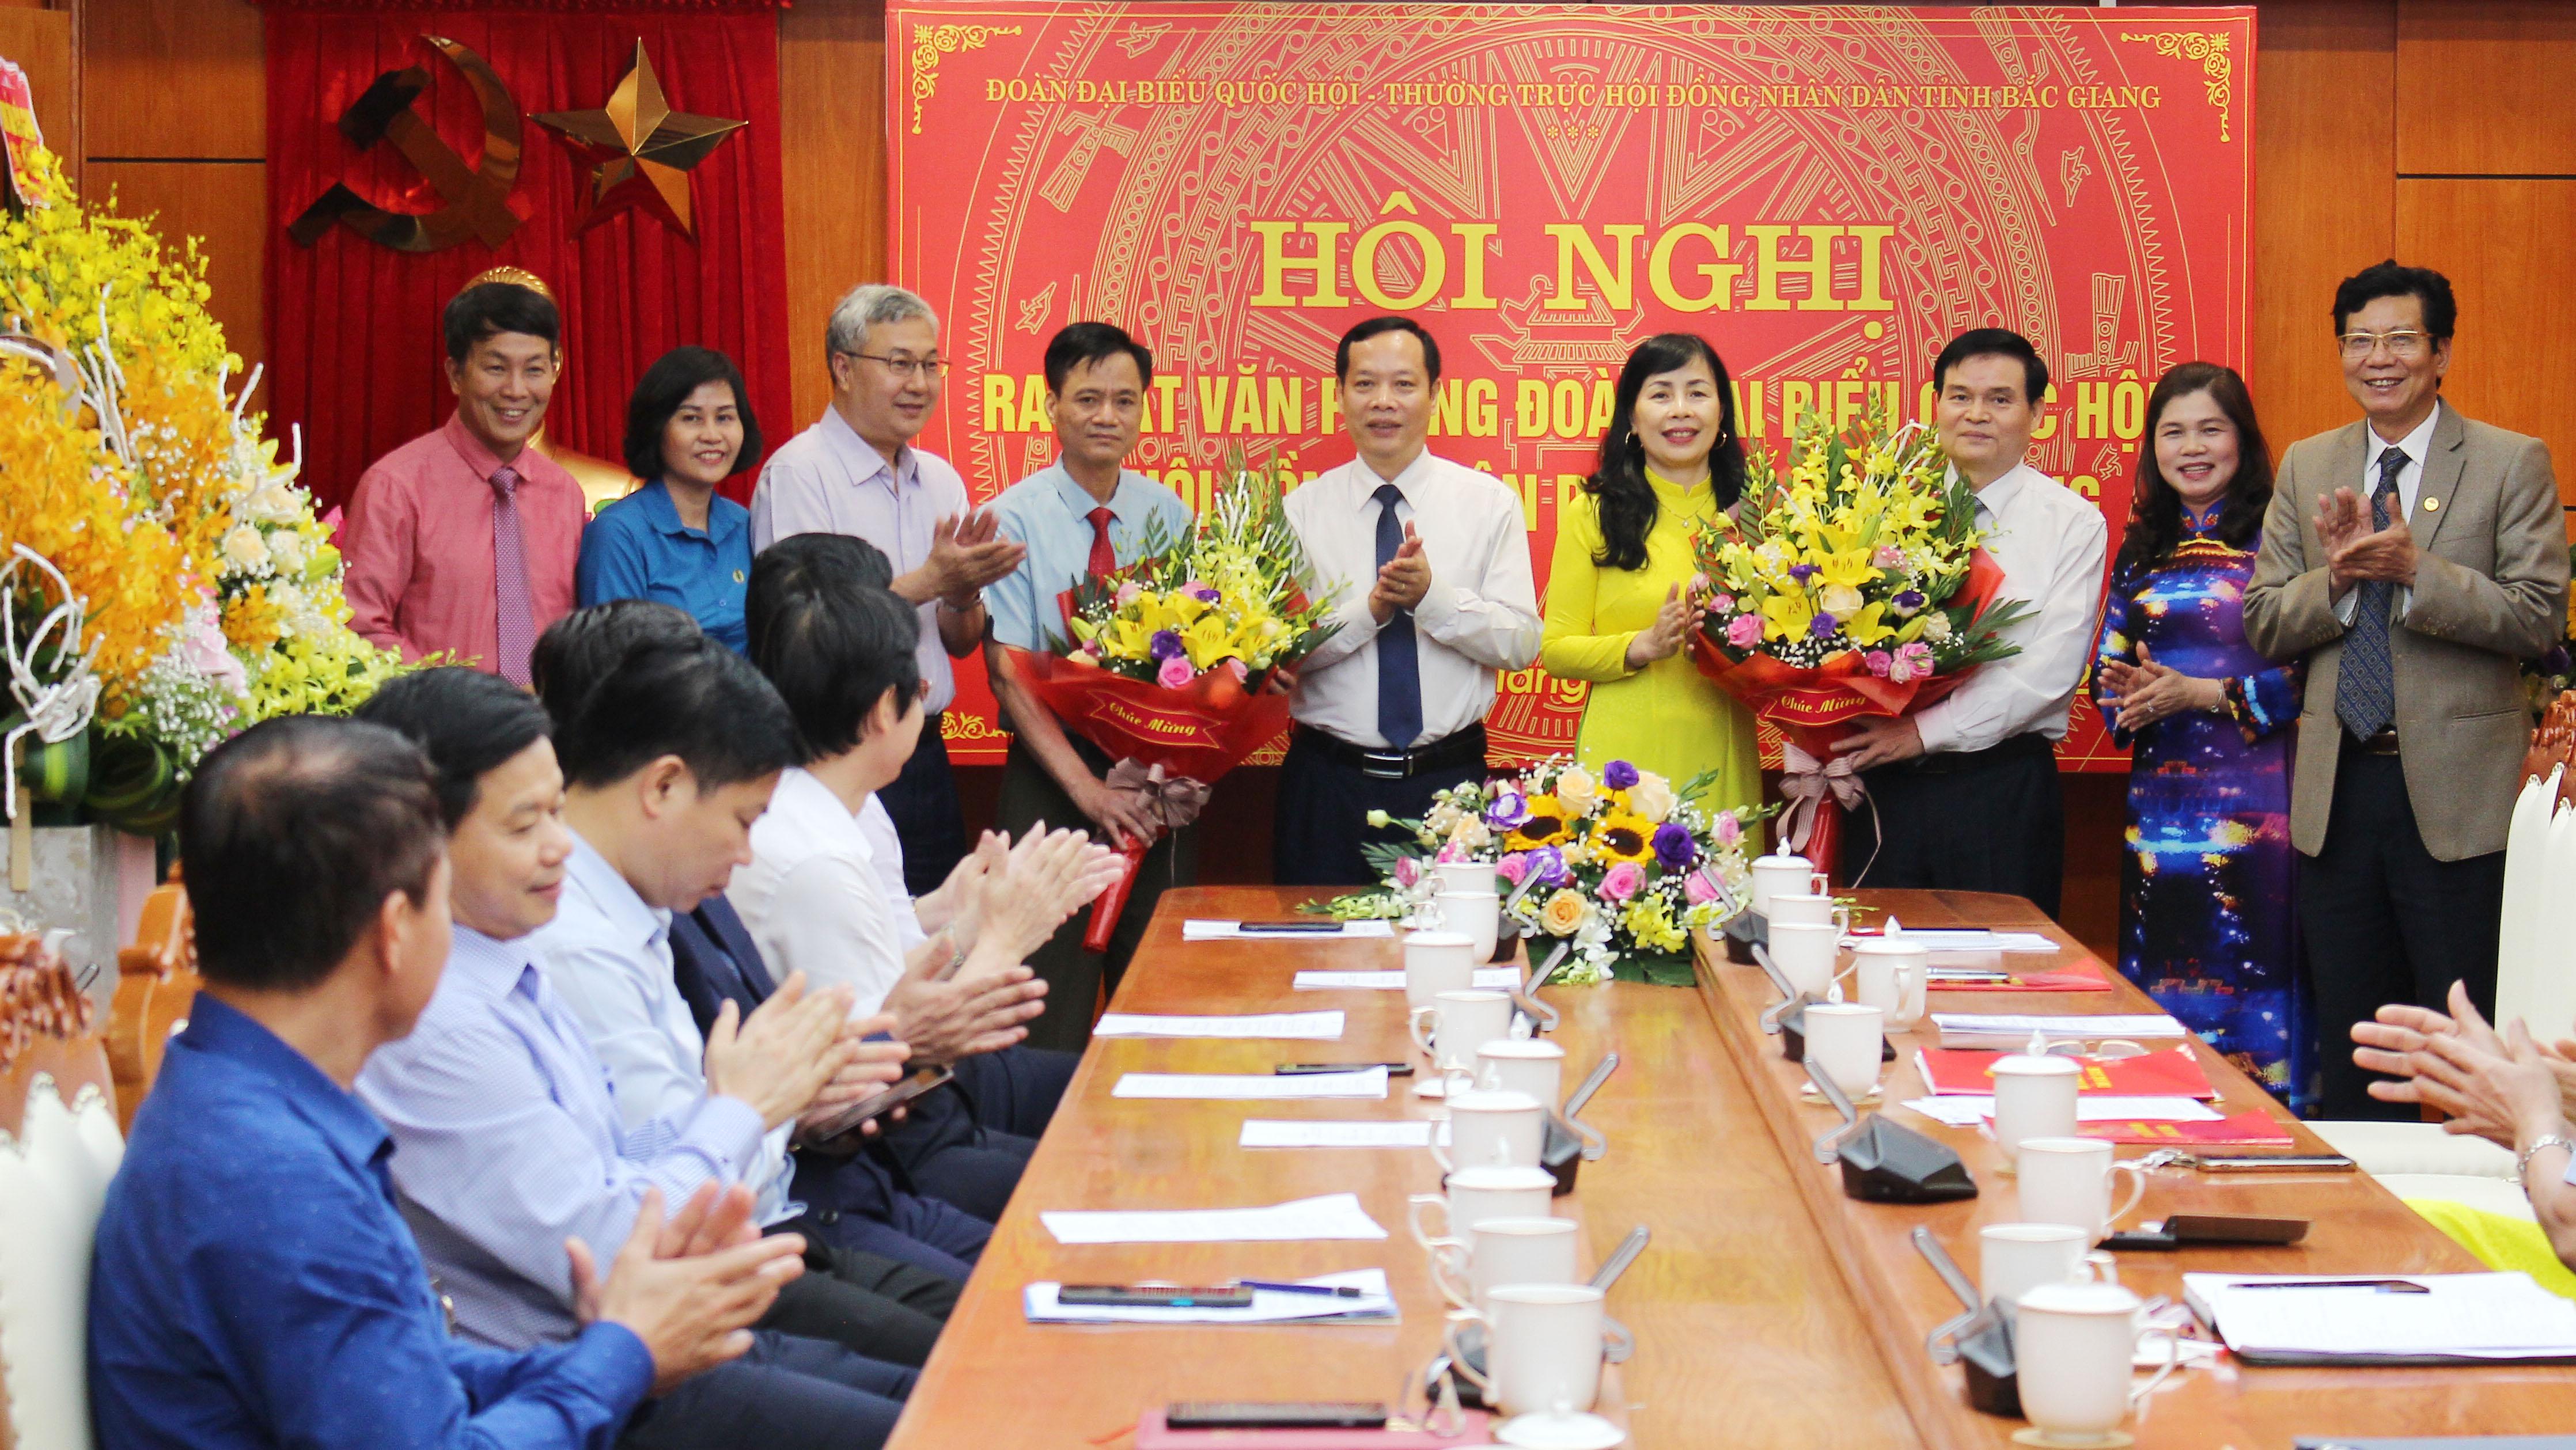 Bắc Giang, Văn phòng đoàn ĐBQH và HĐND, Lâm Thị Hương Thành, Trần Văn Lâm, Lê Ô Pích, Nghiêm Xuân Hưởng.